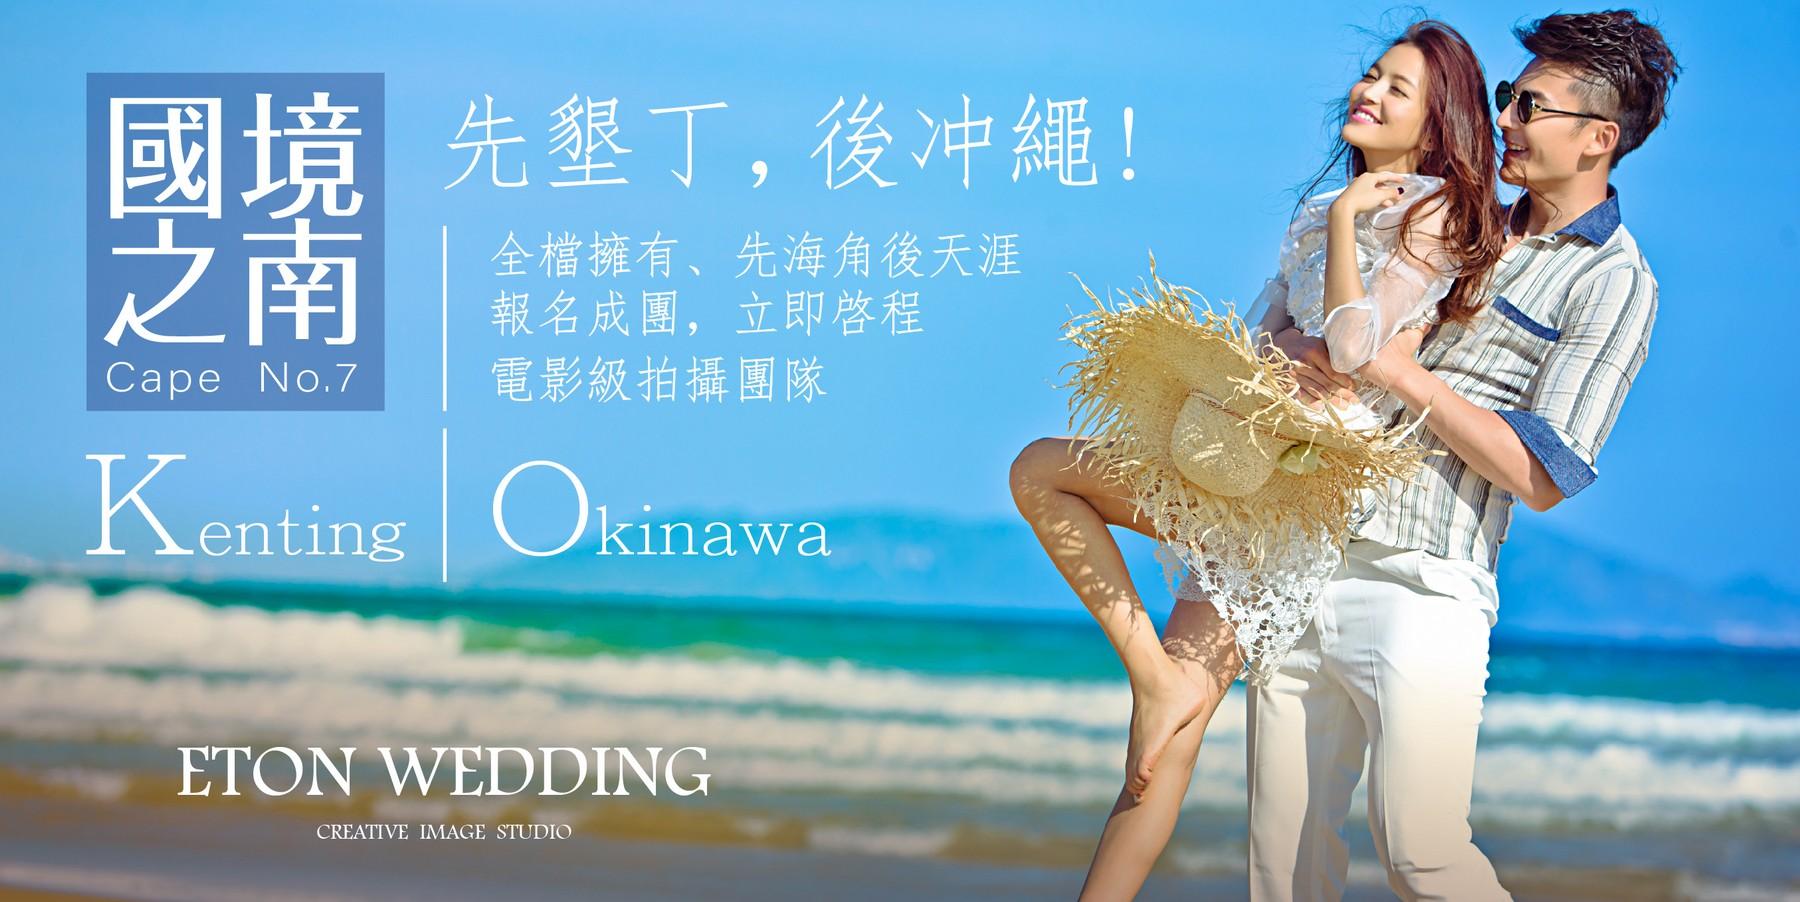 自助婚紗,海外婚紗,墾丁拍婚紗,冲繩拍婚紗